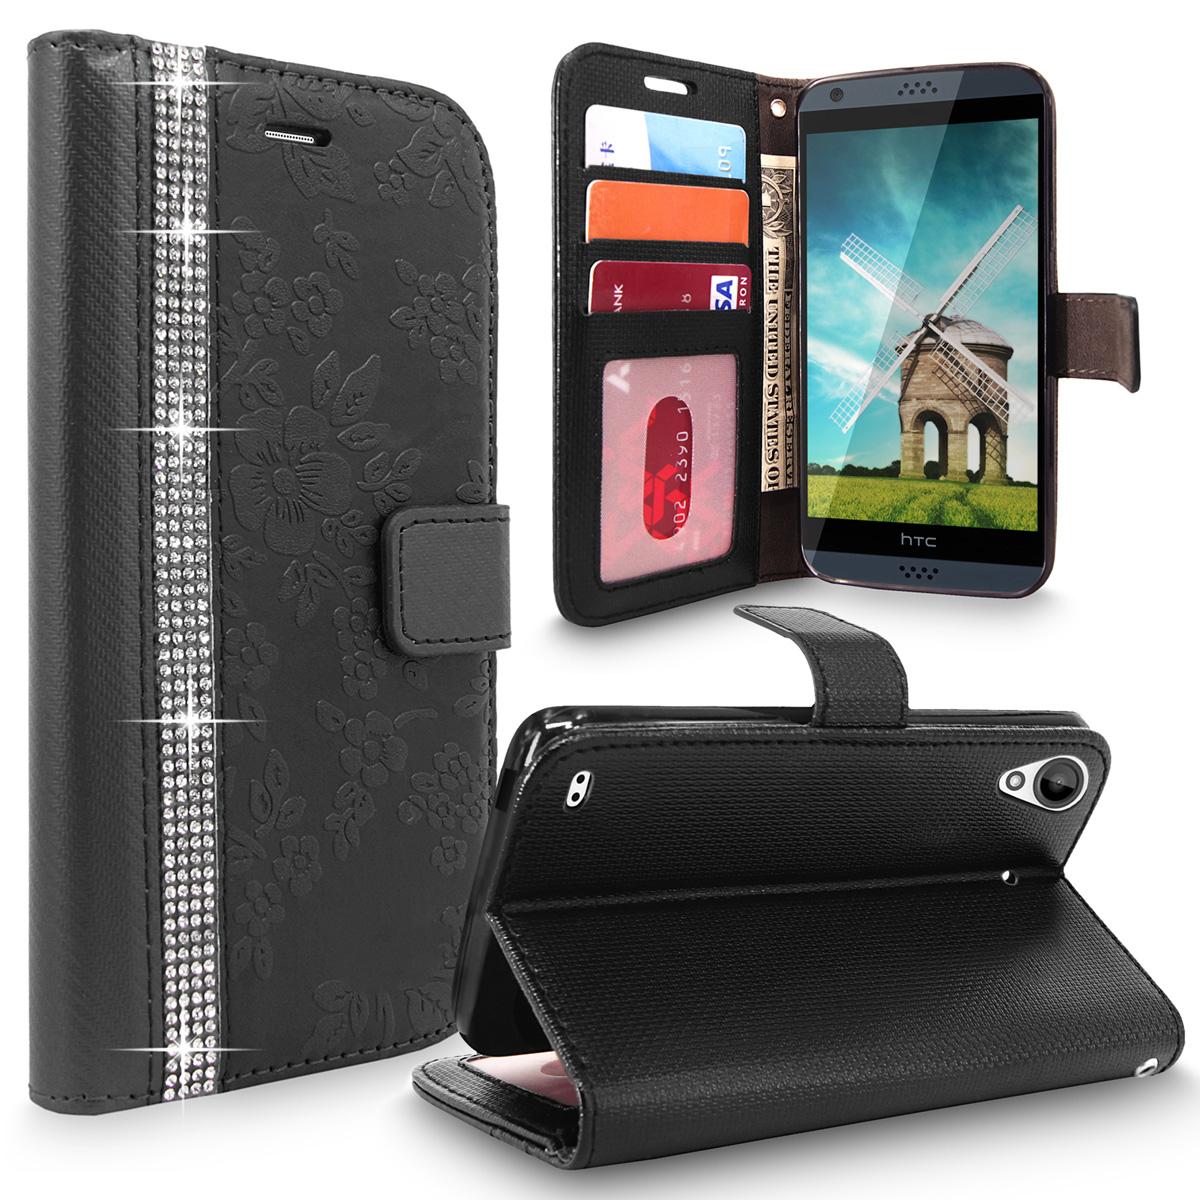 HTC-530-EMBS-WLT-BK